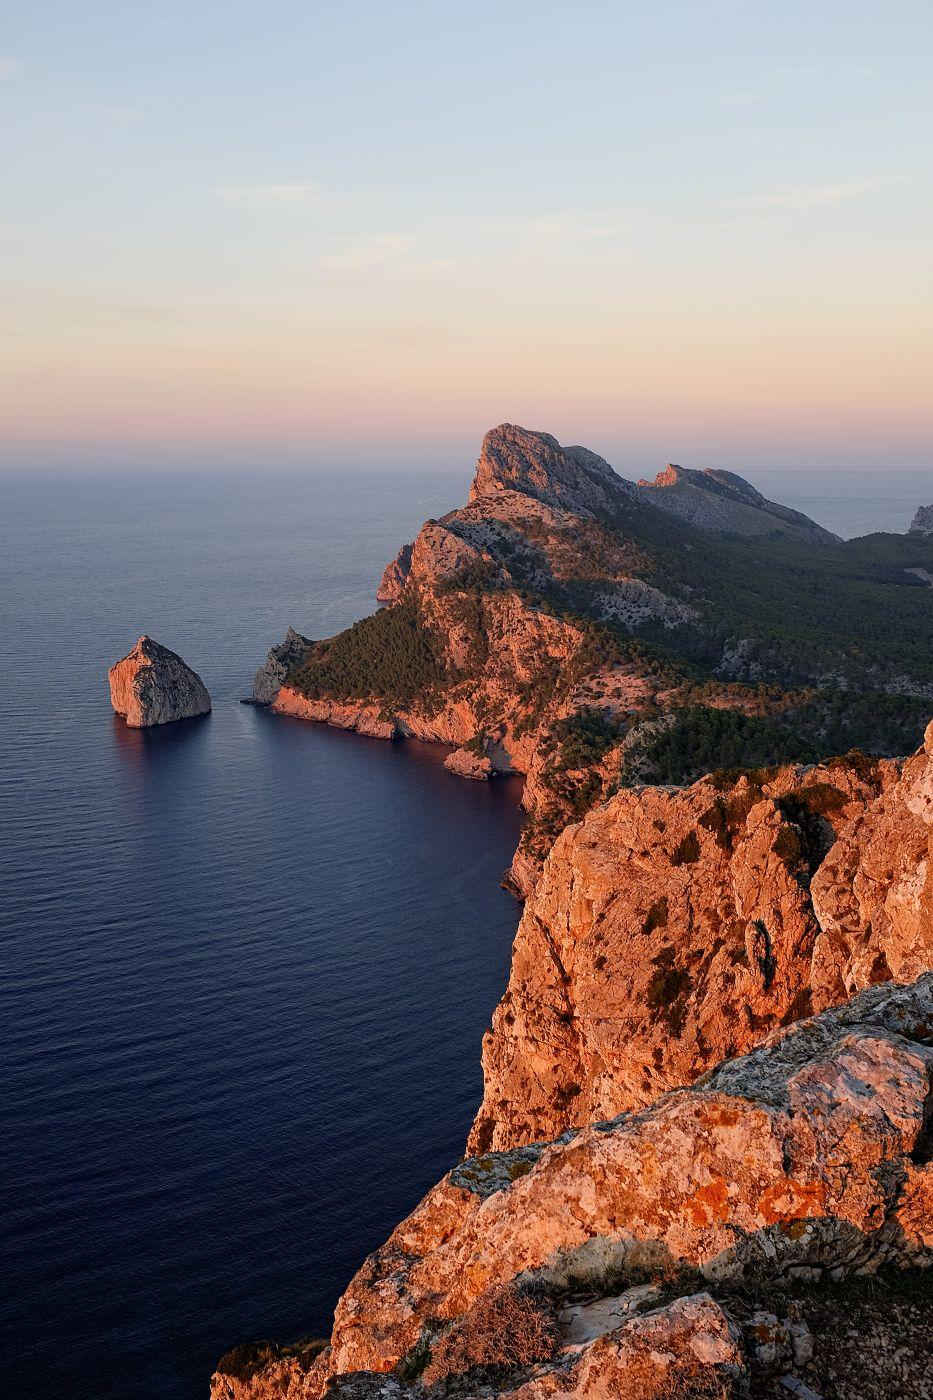 Cap de Formentor / Formentor peninsula, Spain